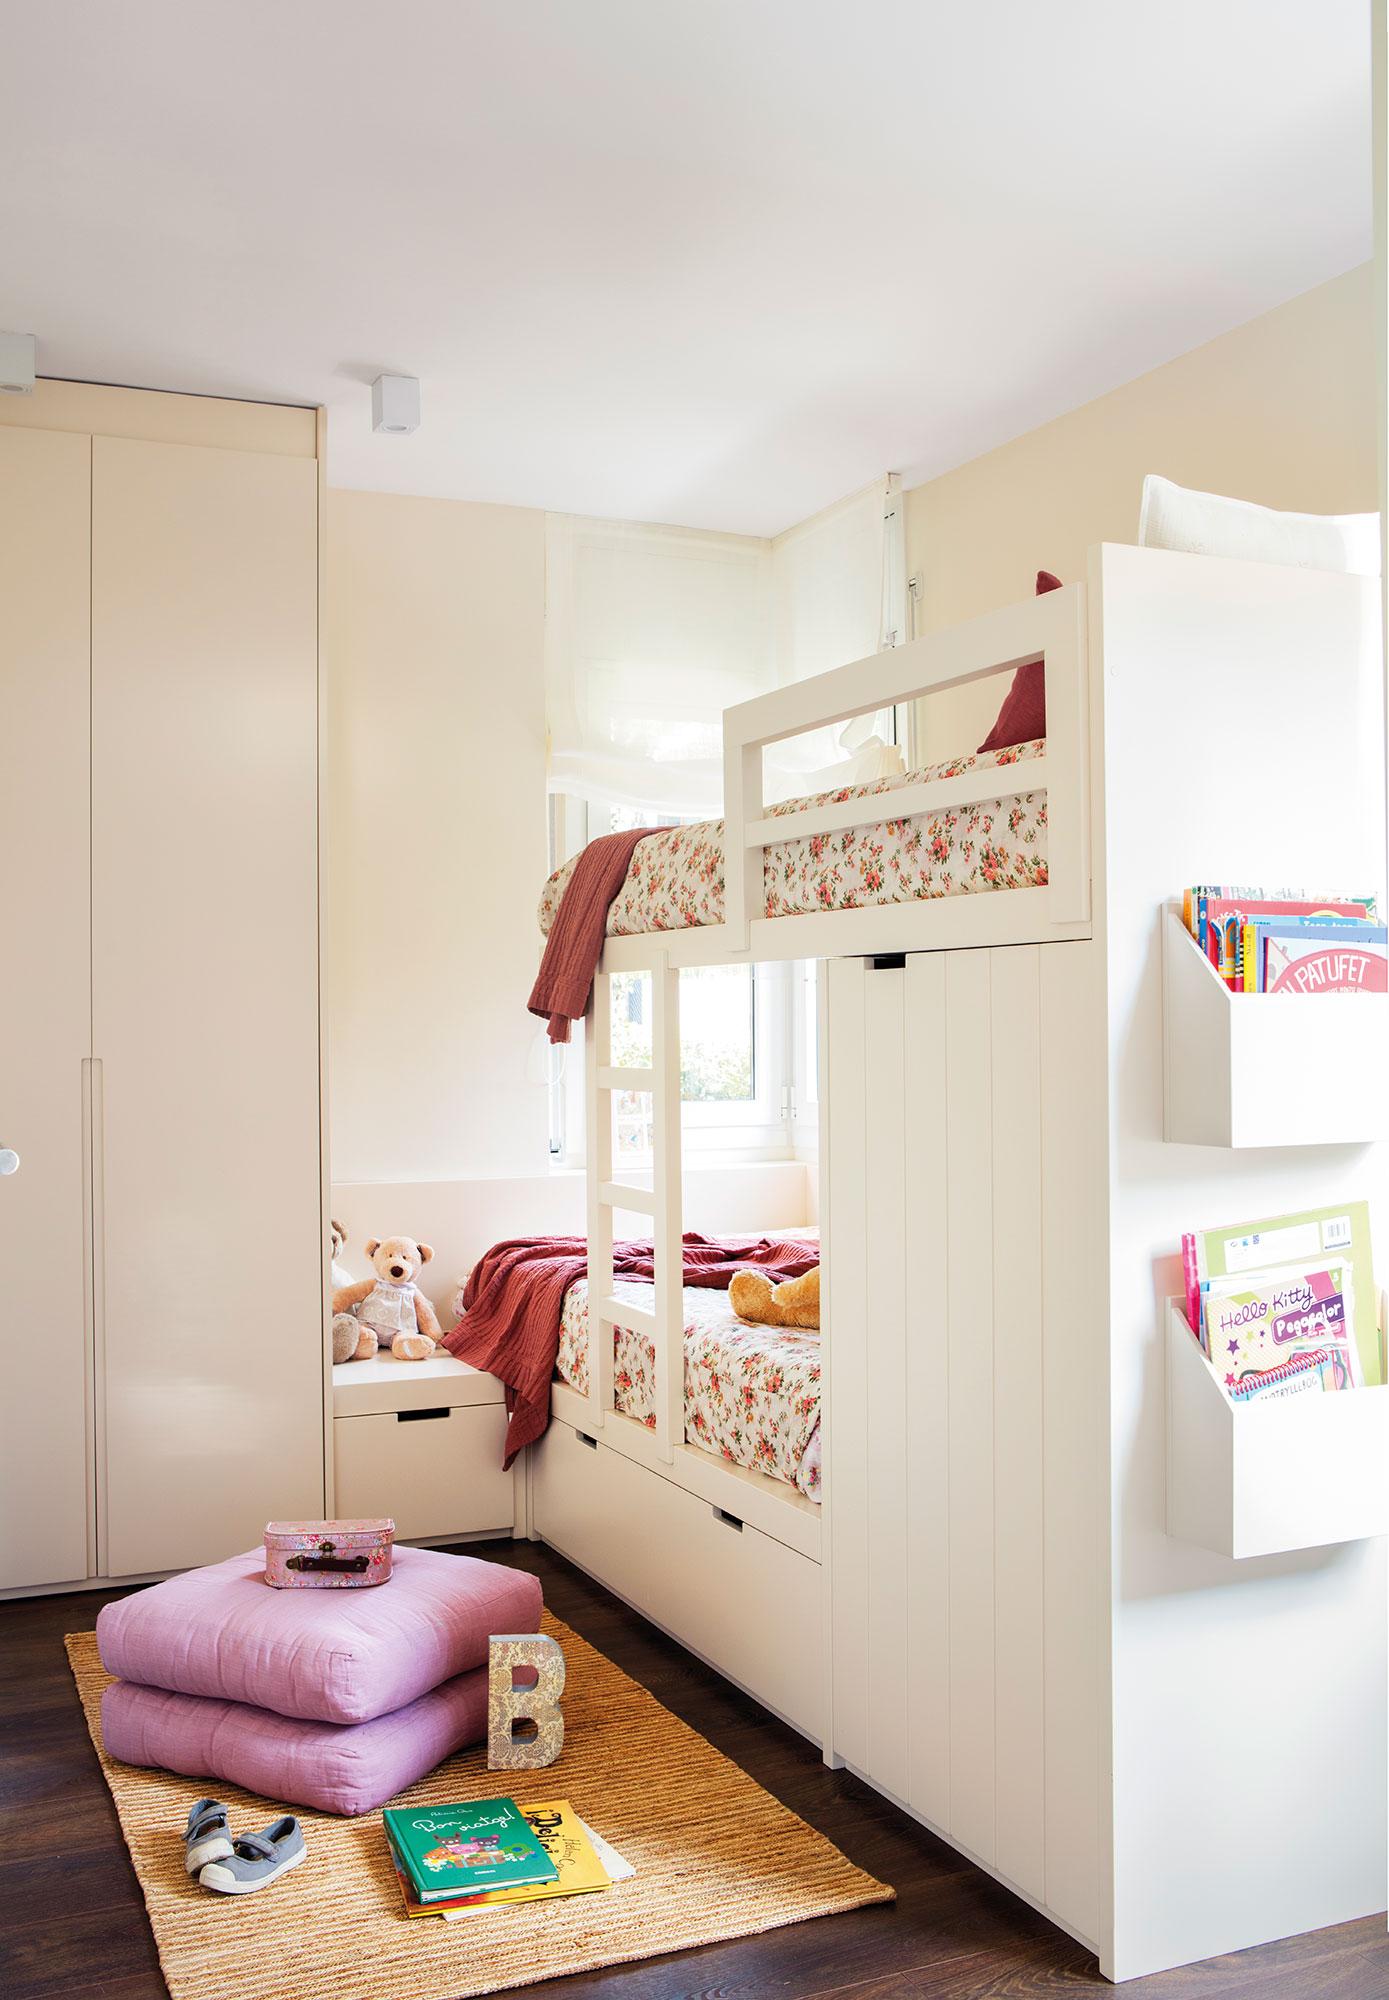 Habitaciones infantiles c mo cambian con el tiempo - Habitaciones infantiles tren ...